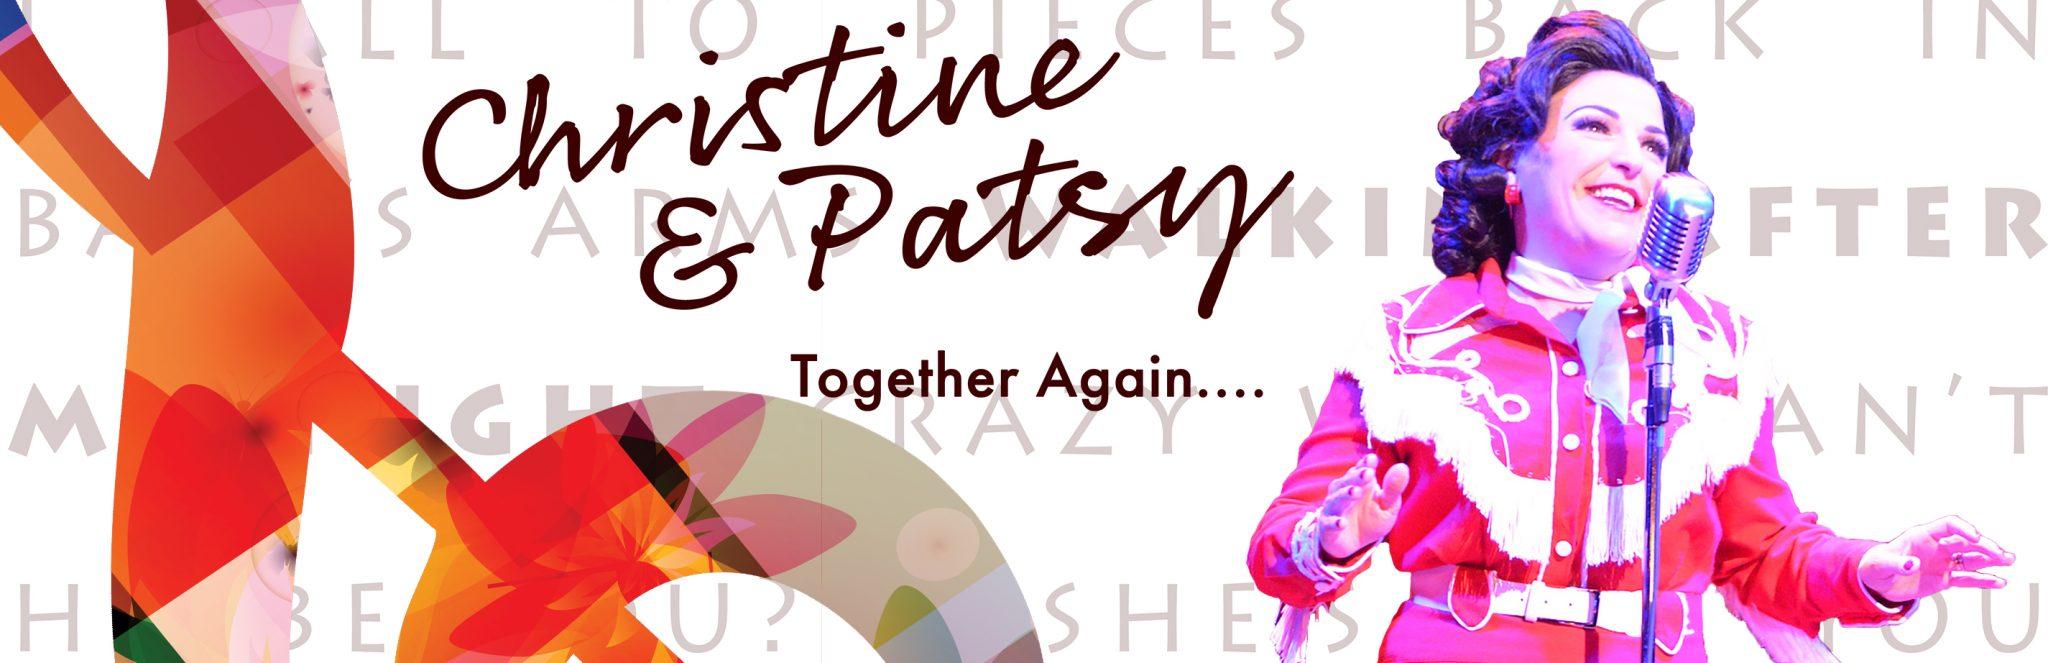 PATSY_webslide copy